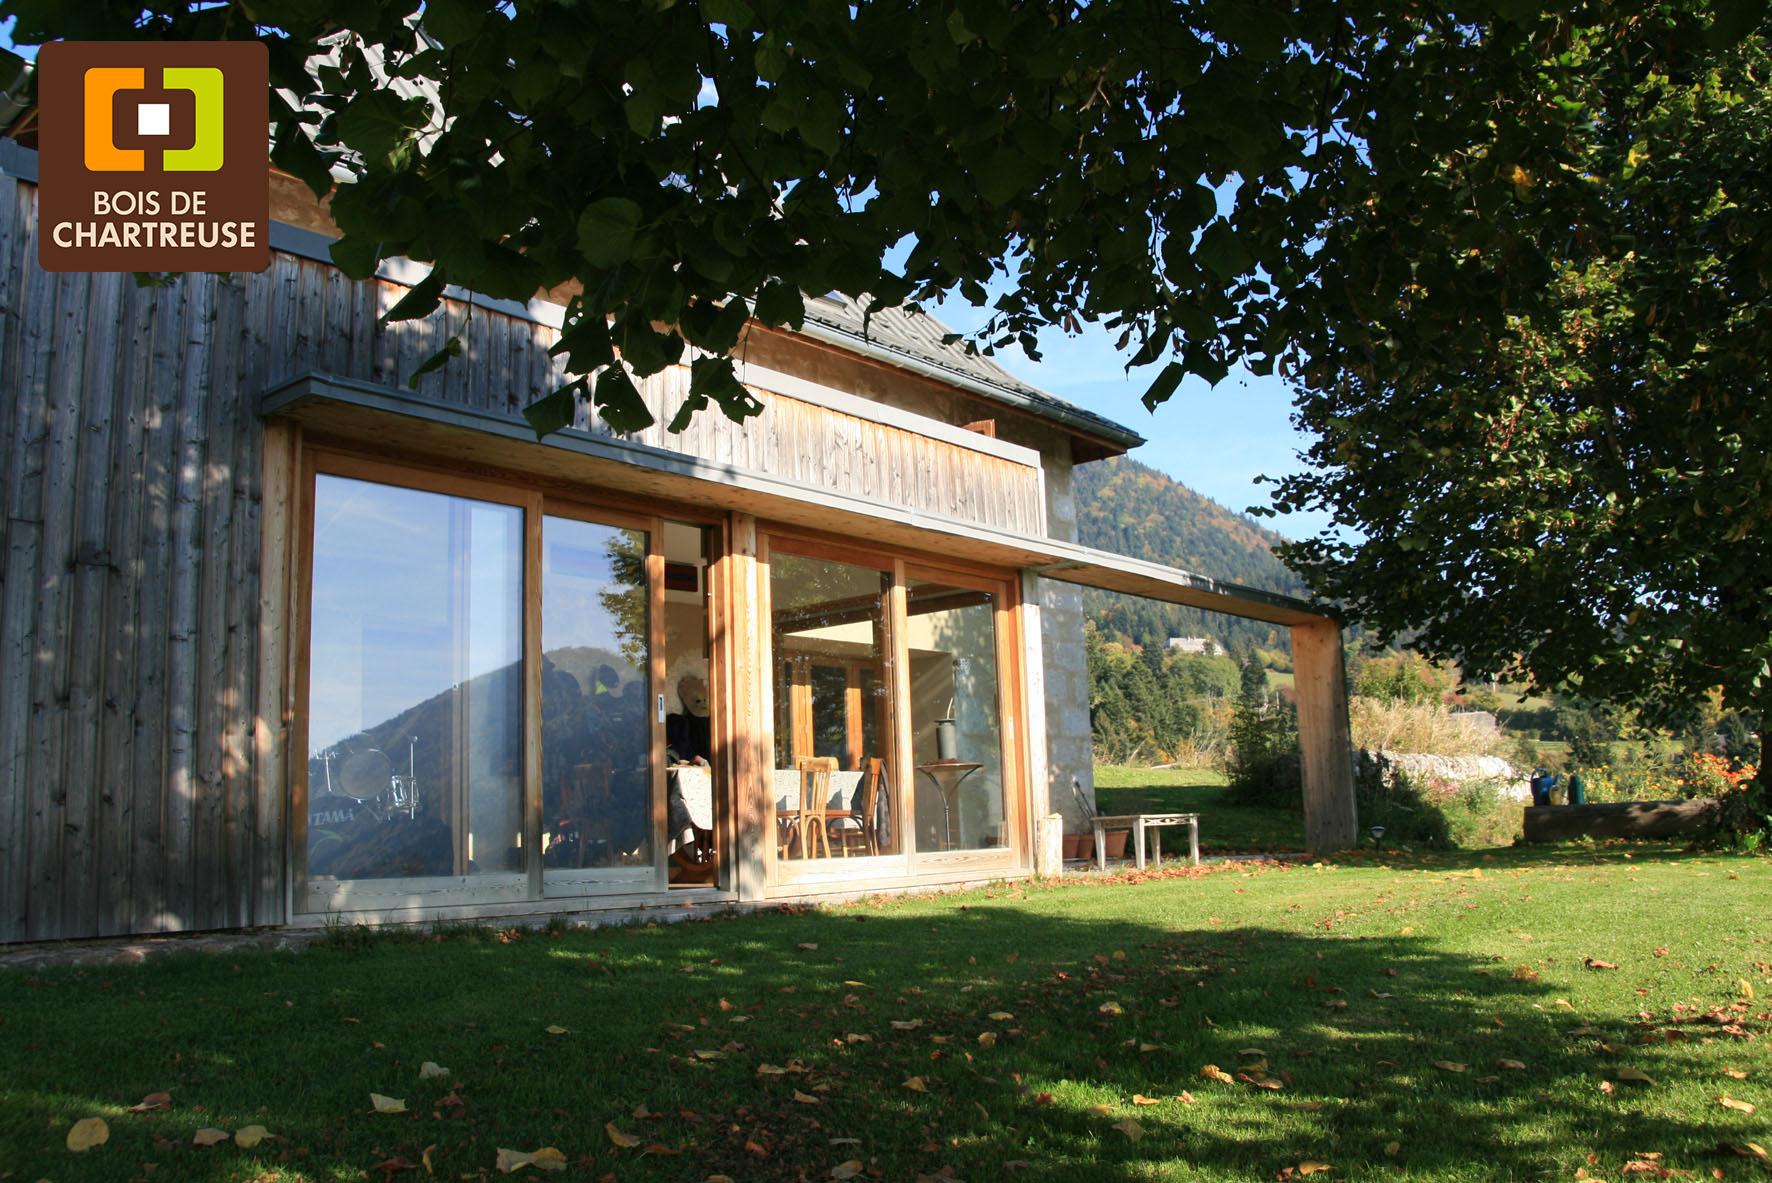 Réalisation en Bois de Chartreuse - Extension de maison